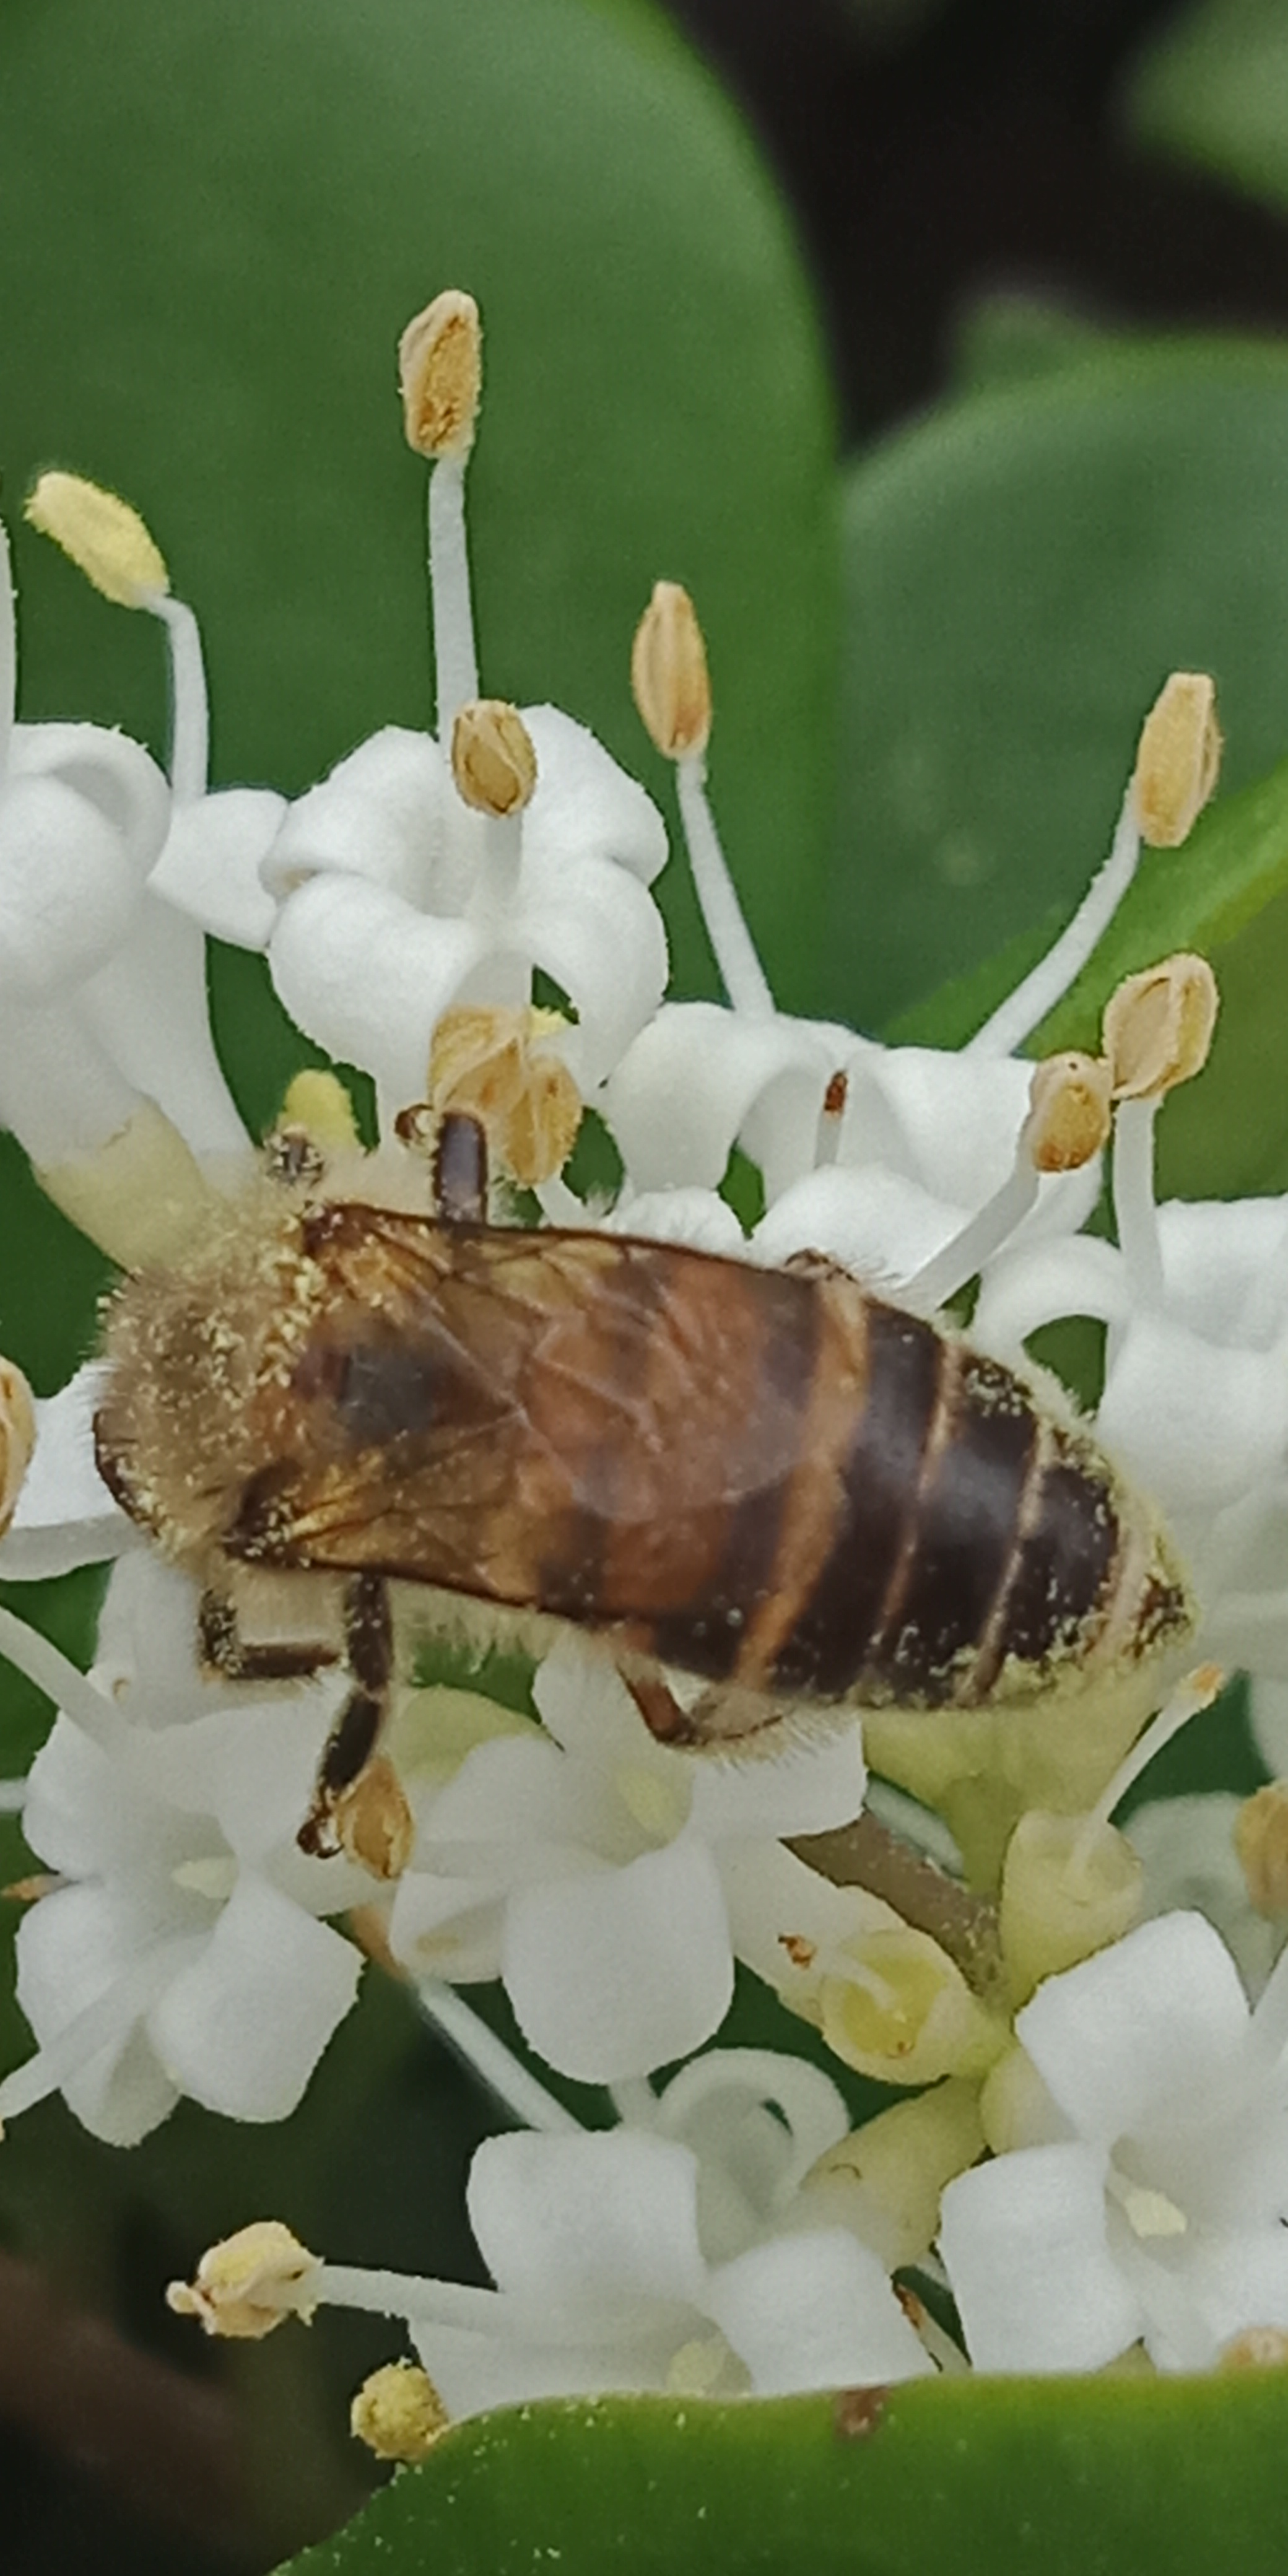 在金森女贞的花丛中,蜜蜂全神贯注采蜜,有人拍照,也不飞走。-8.jpg